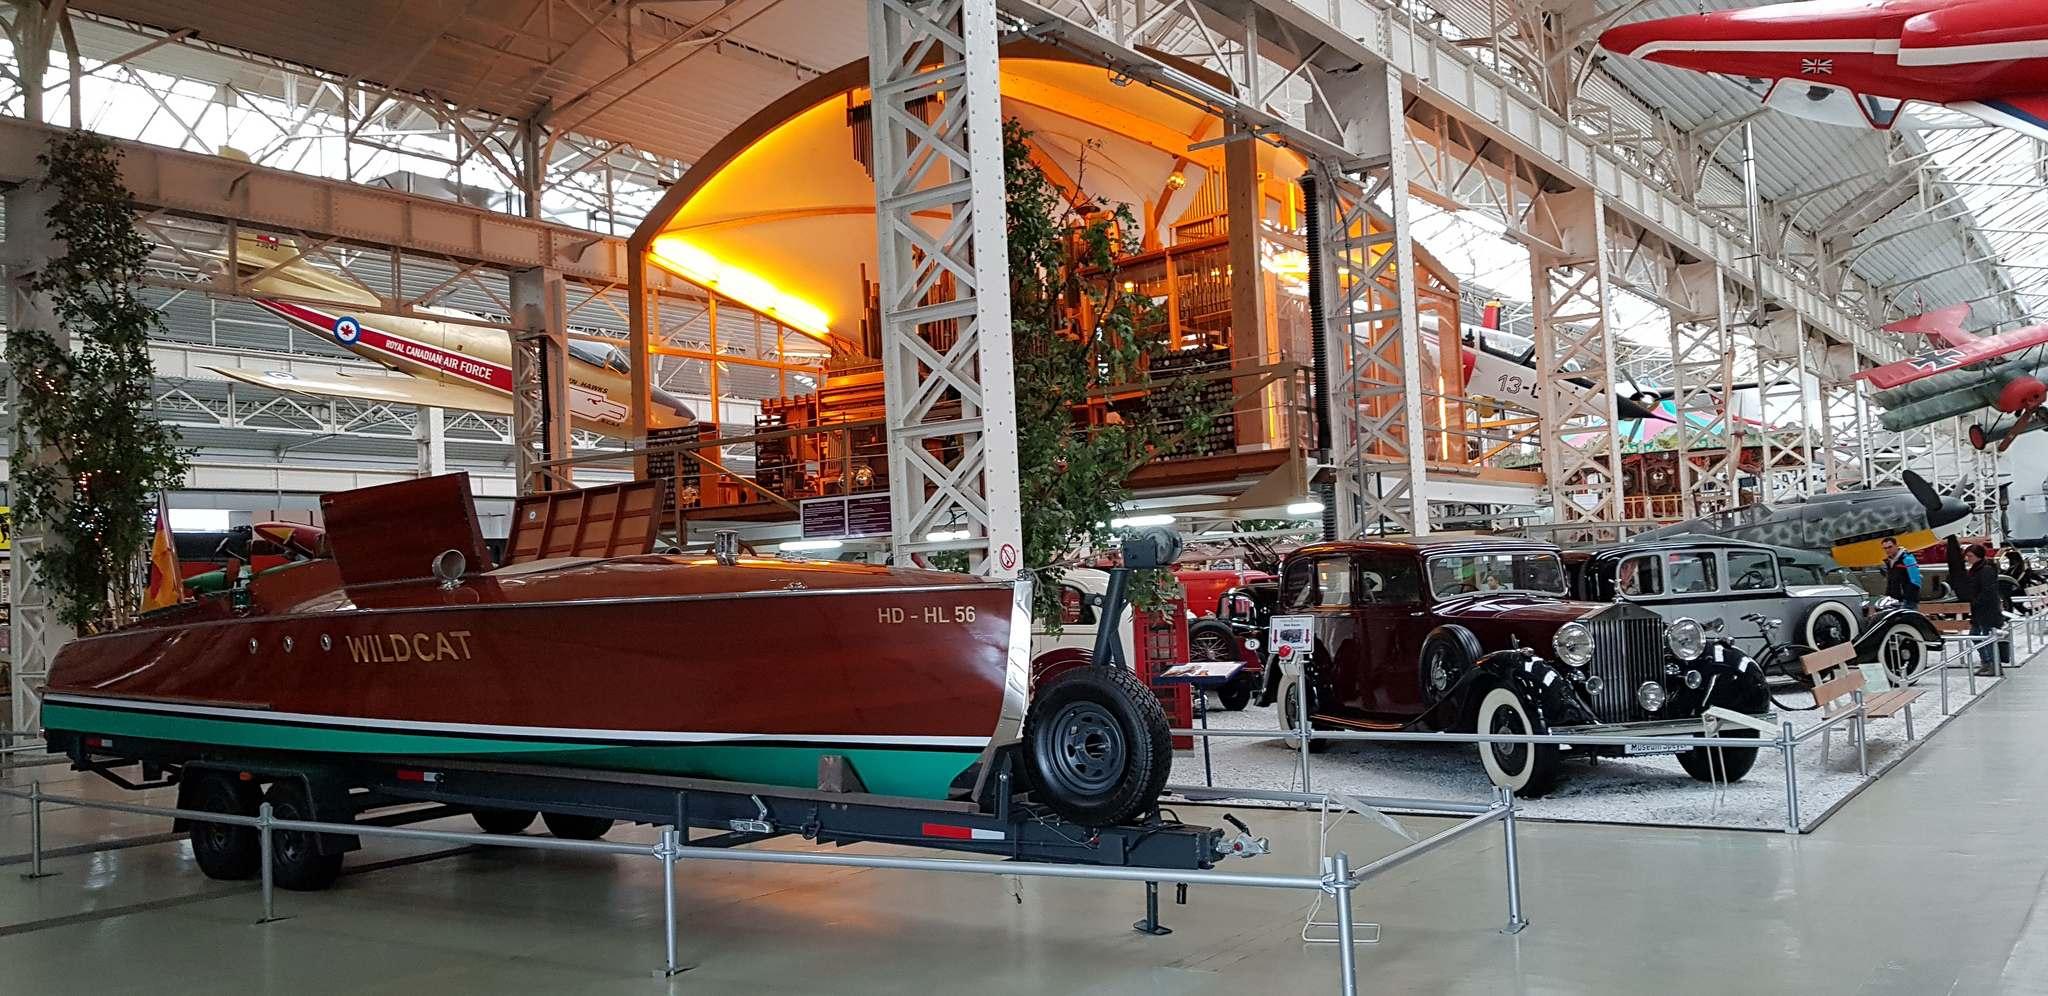 technik speyer museum1 Technik Museum Speyer in Germany